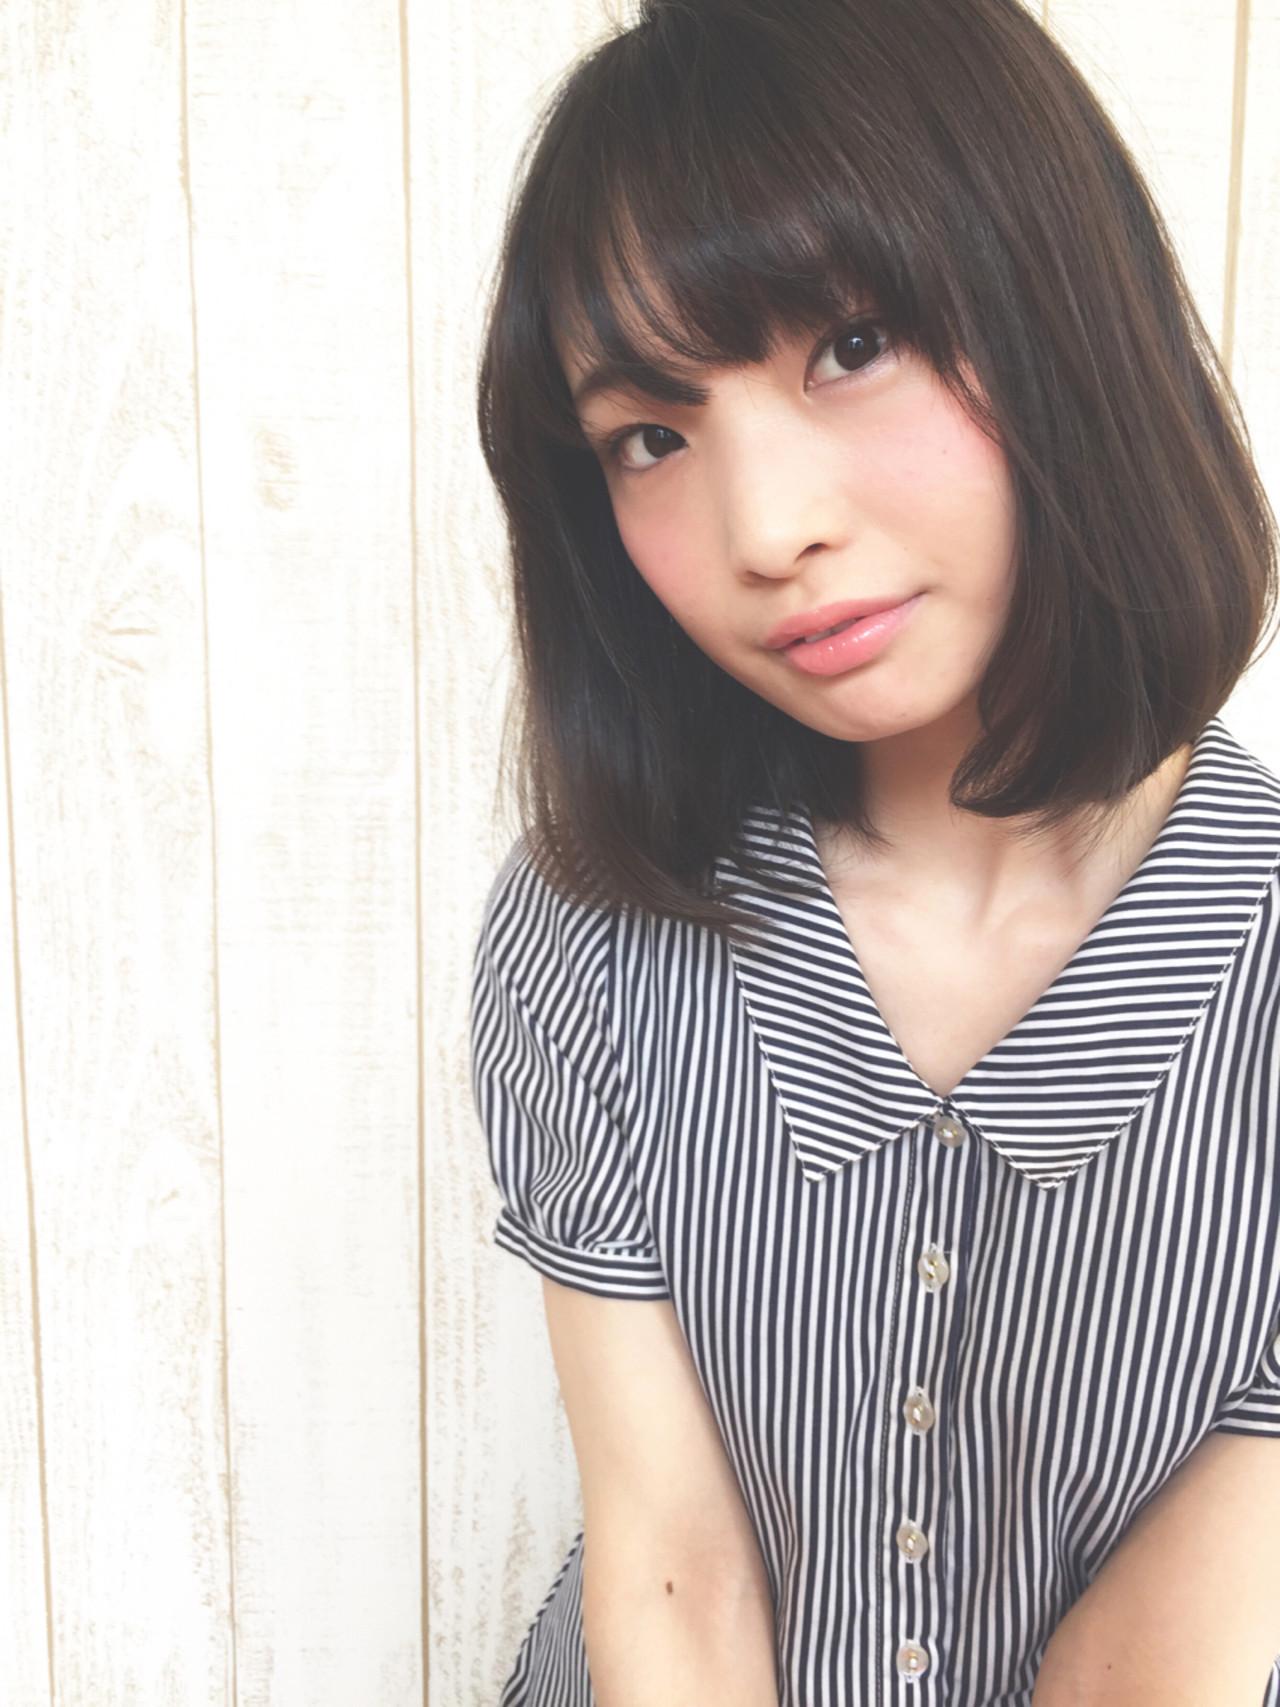 大人女子 透明感 ボブ グラデーションカラー ヘアスタイルや髪型の写真・画像